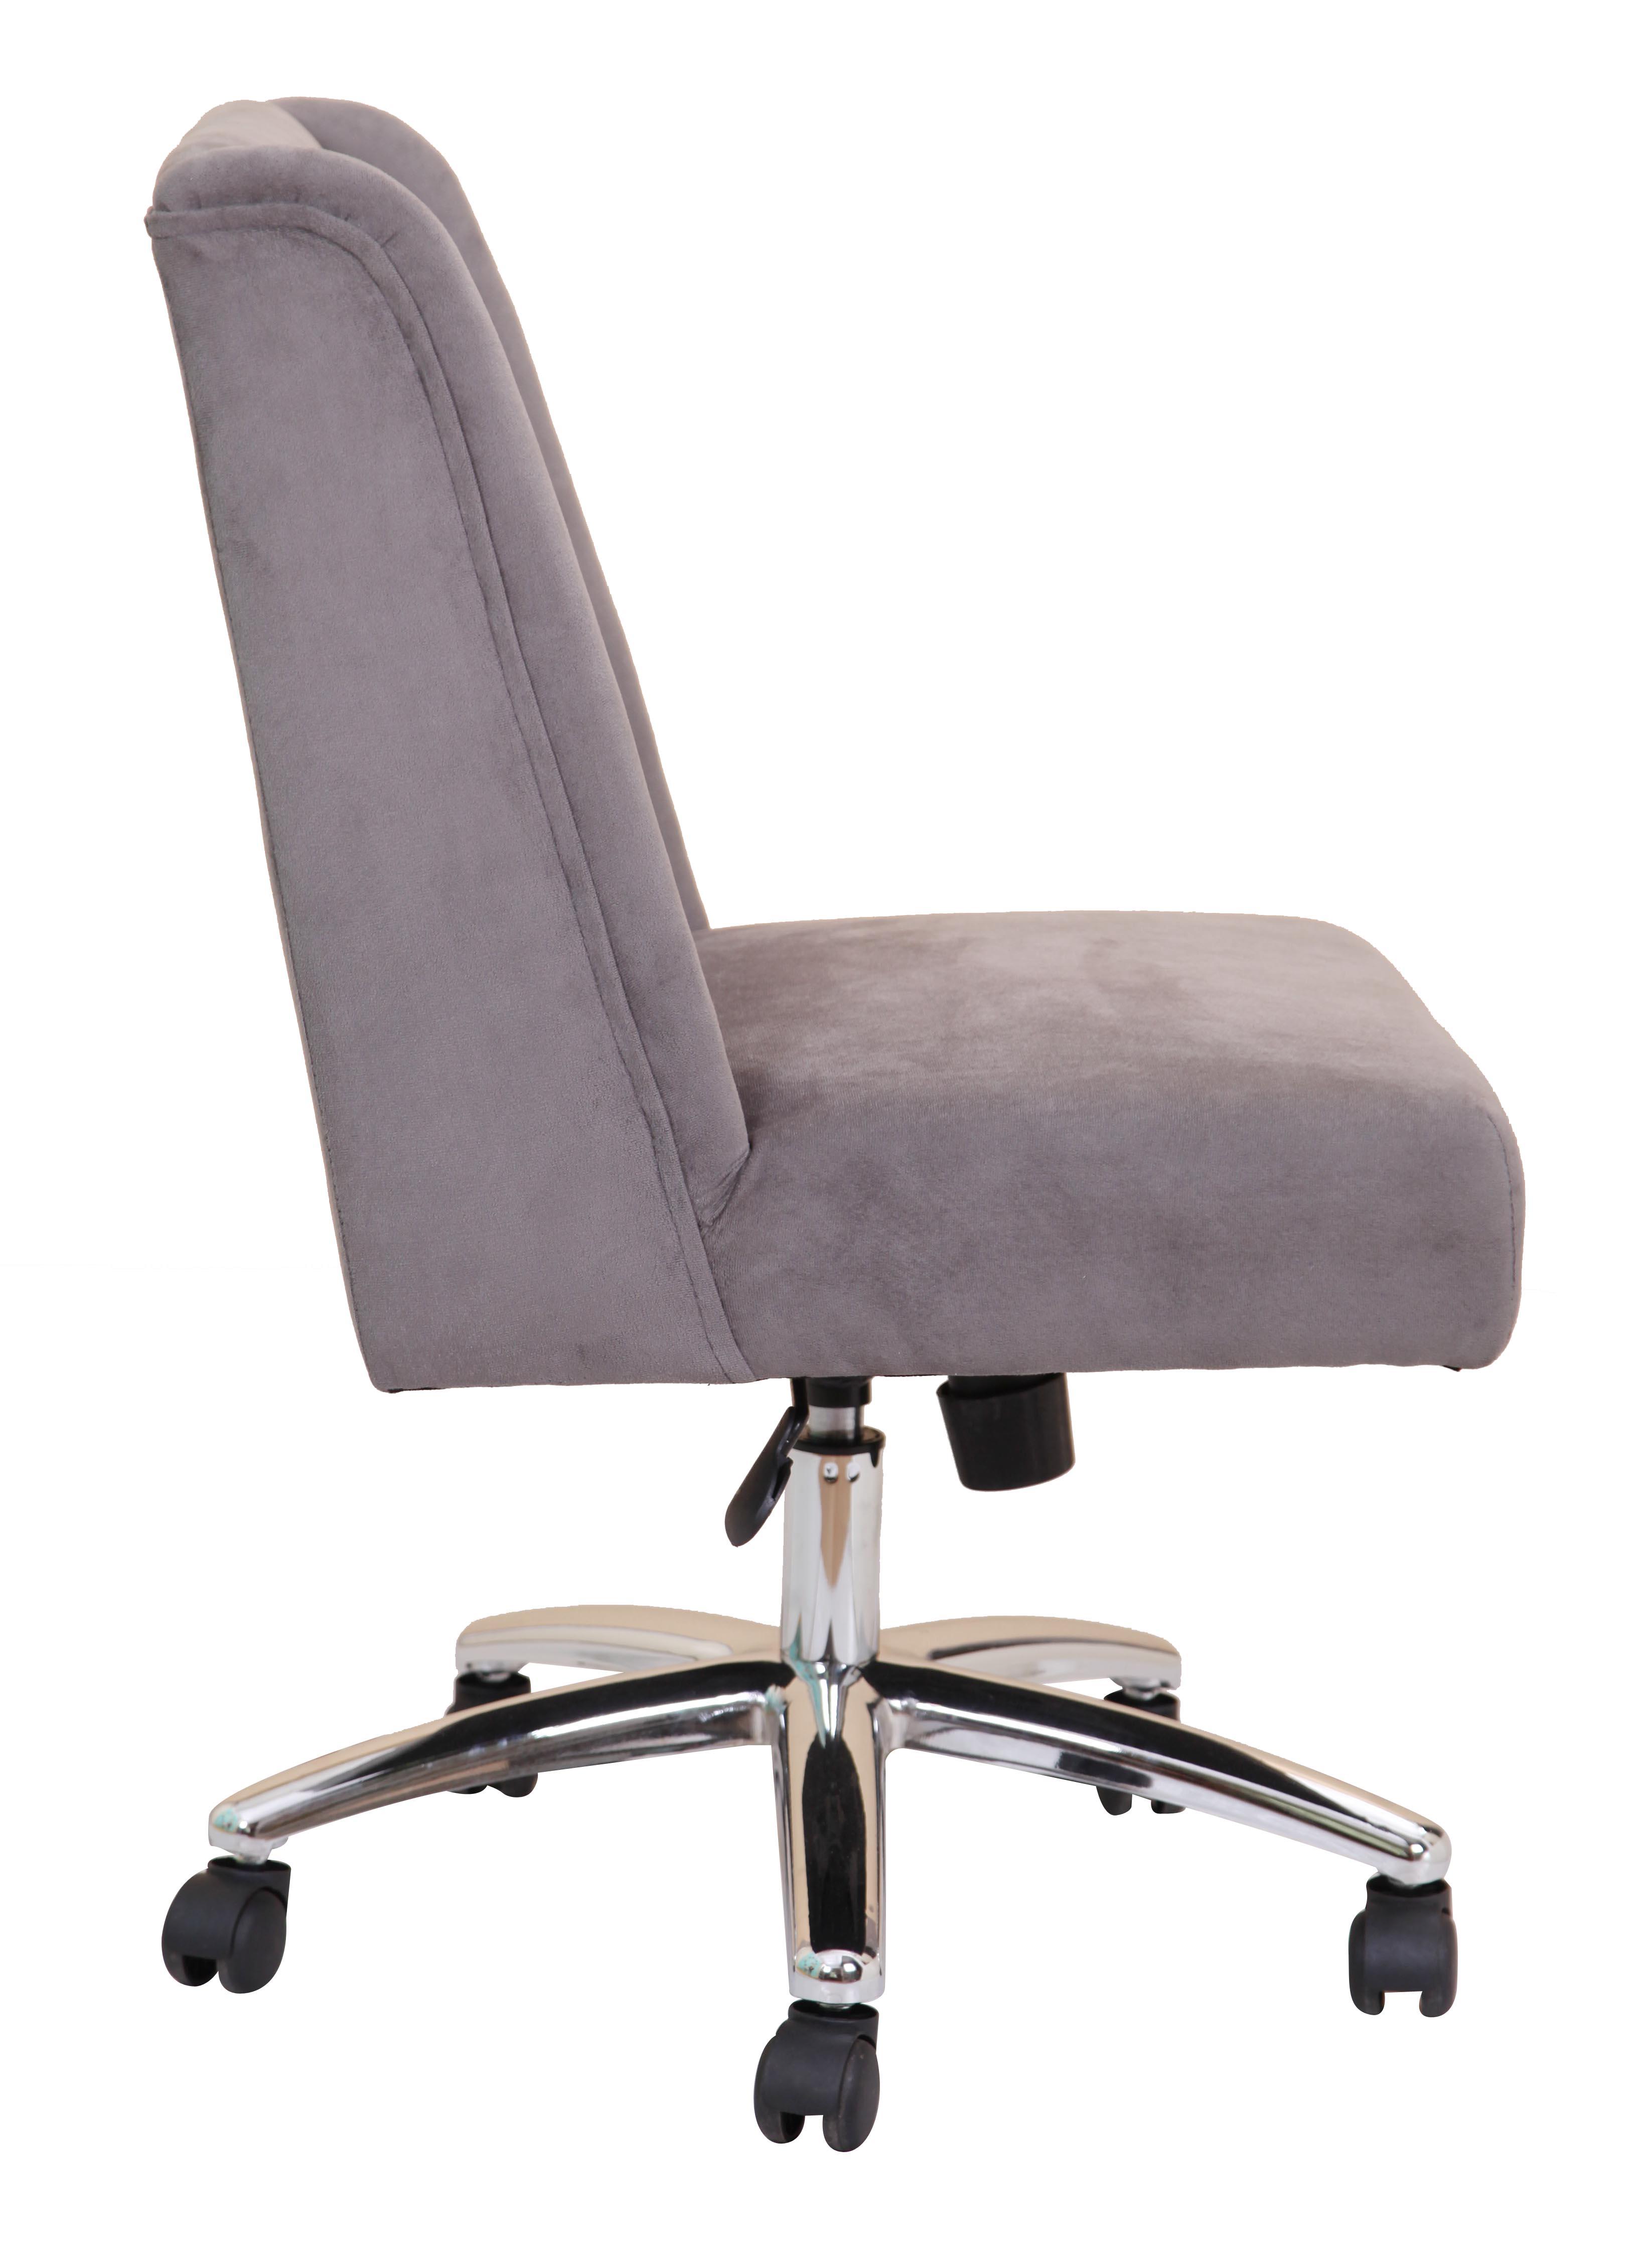 norstar office chair parts nantucket rocking boss decorative task charcoal grey  bosschair